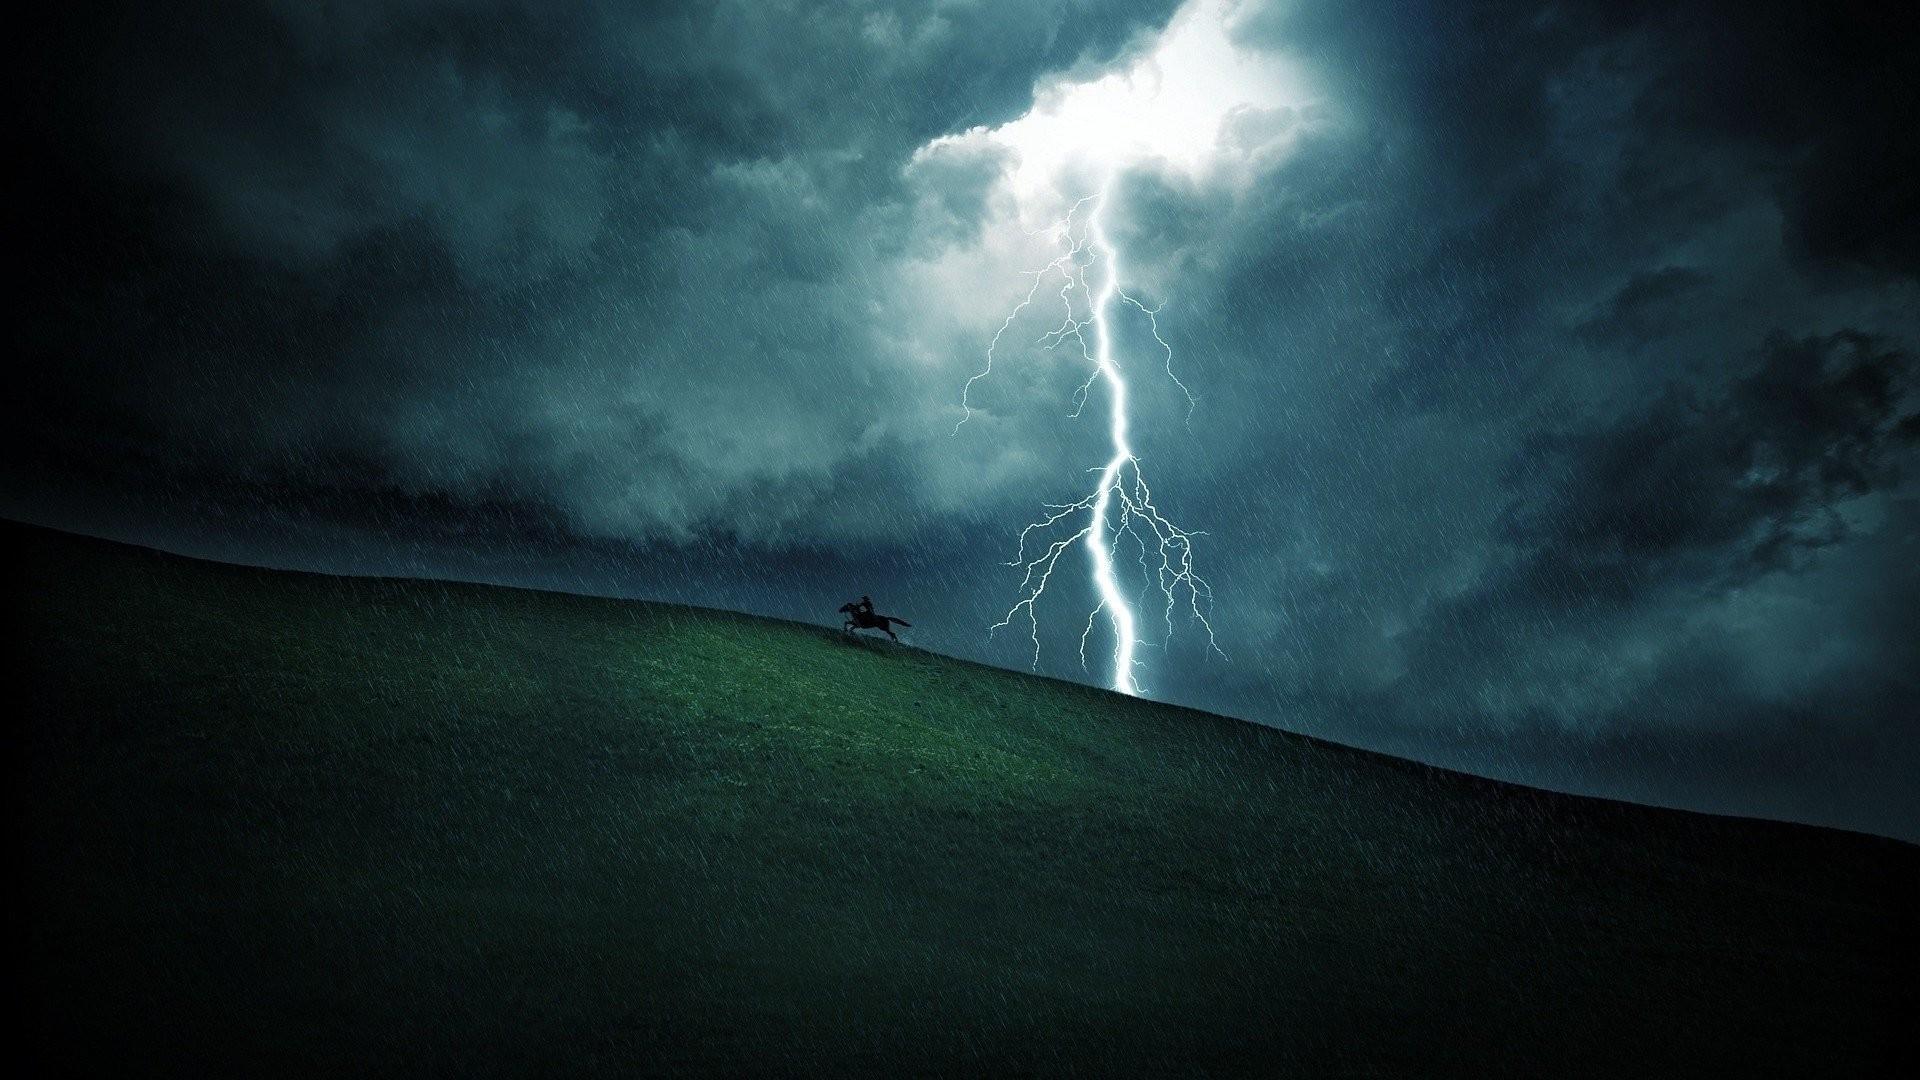 Thunderstorm Desktop Wallpapers (42 Wallpapers)